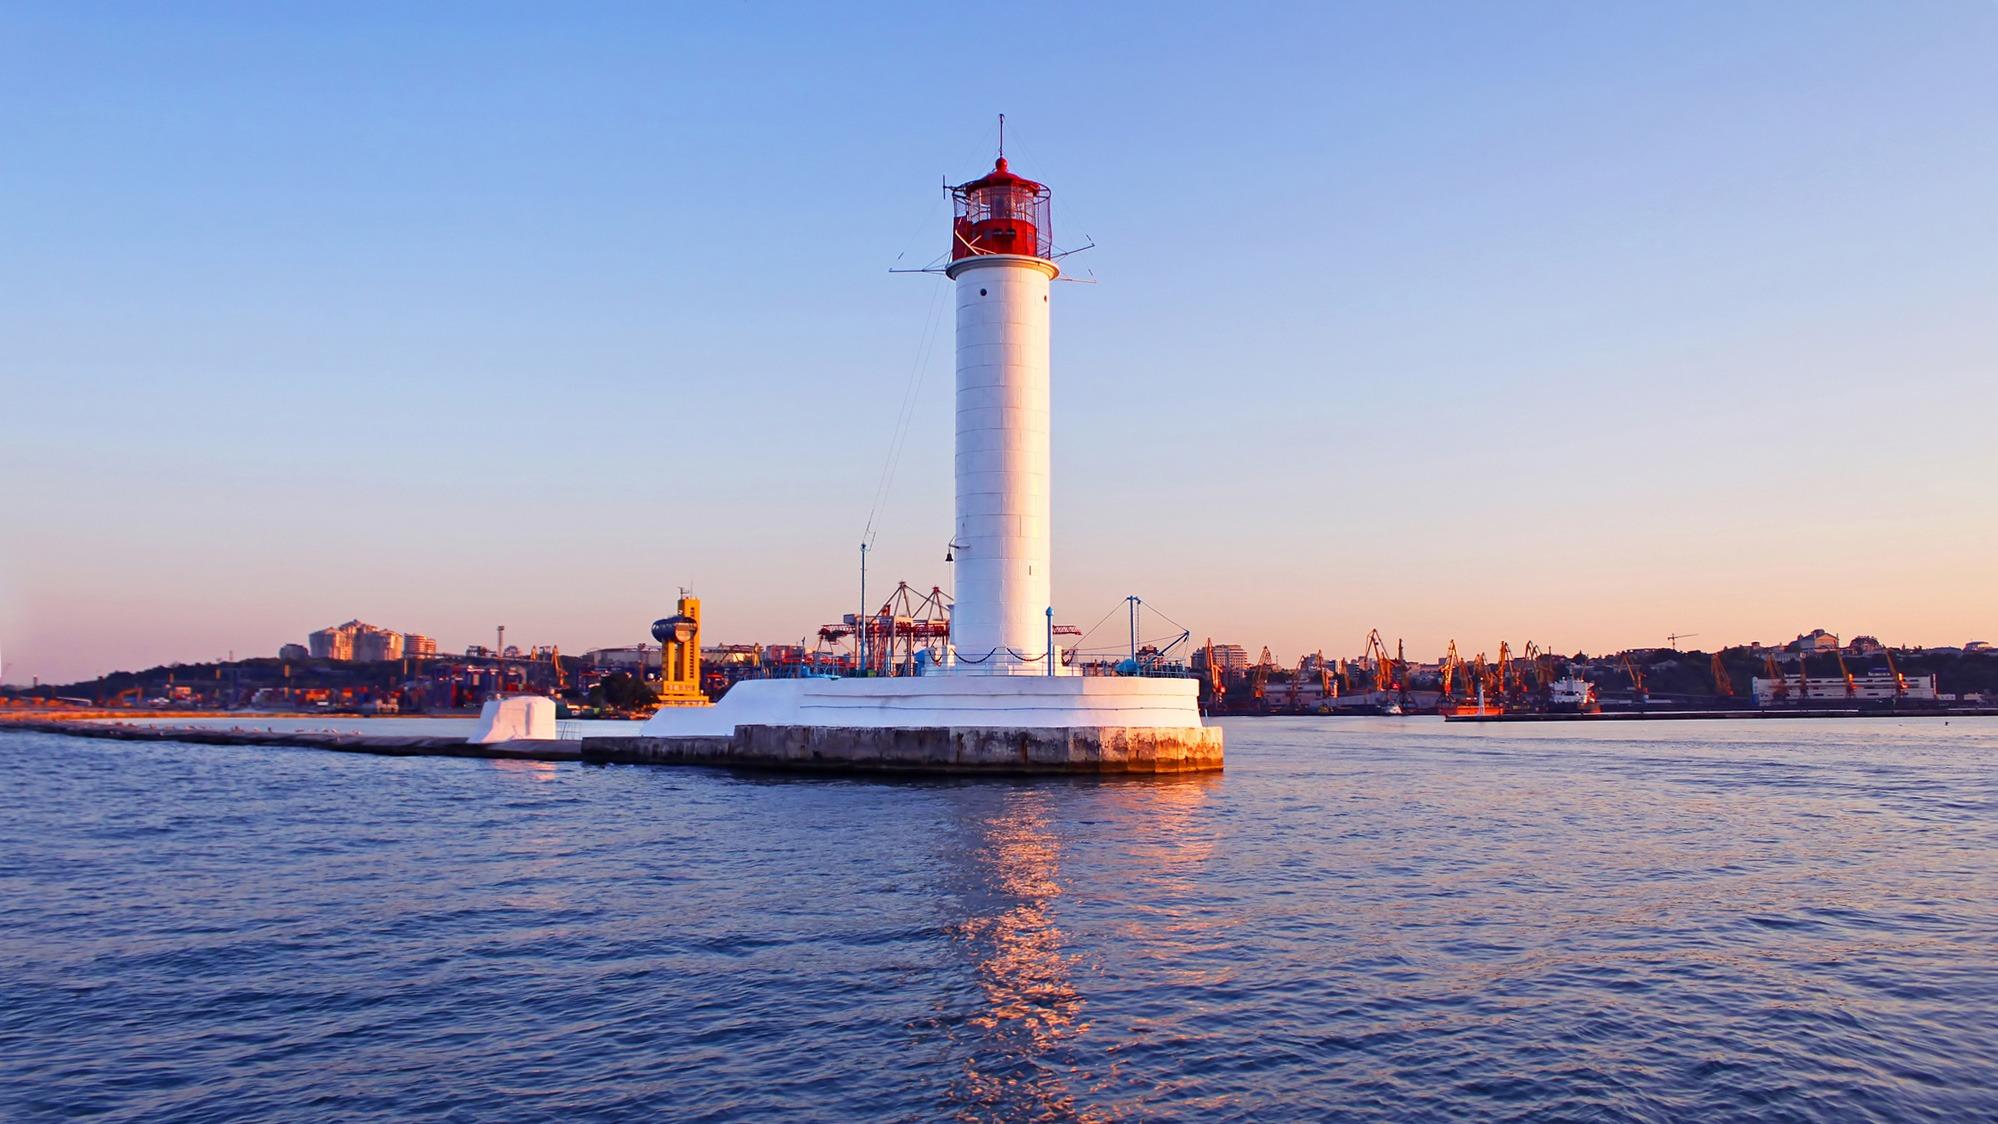 Море данных: как Одесская область развивает туризм с помощью Big Data, автор Море данных: как Одесская область развивает туризм с помощью Big Data | Kyivstar Business Hub, изображение №1